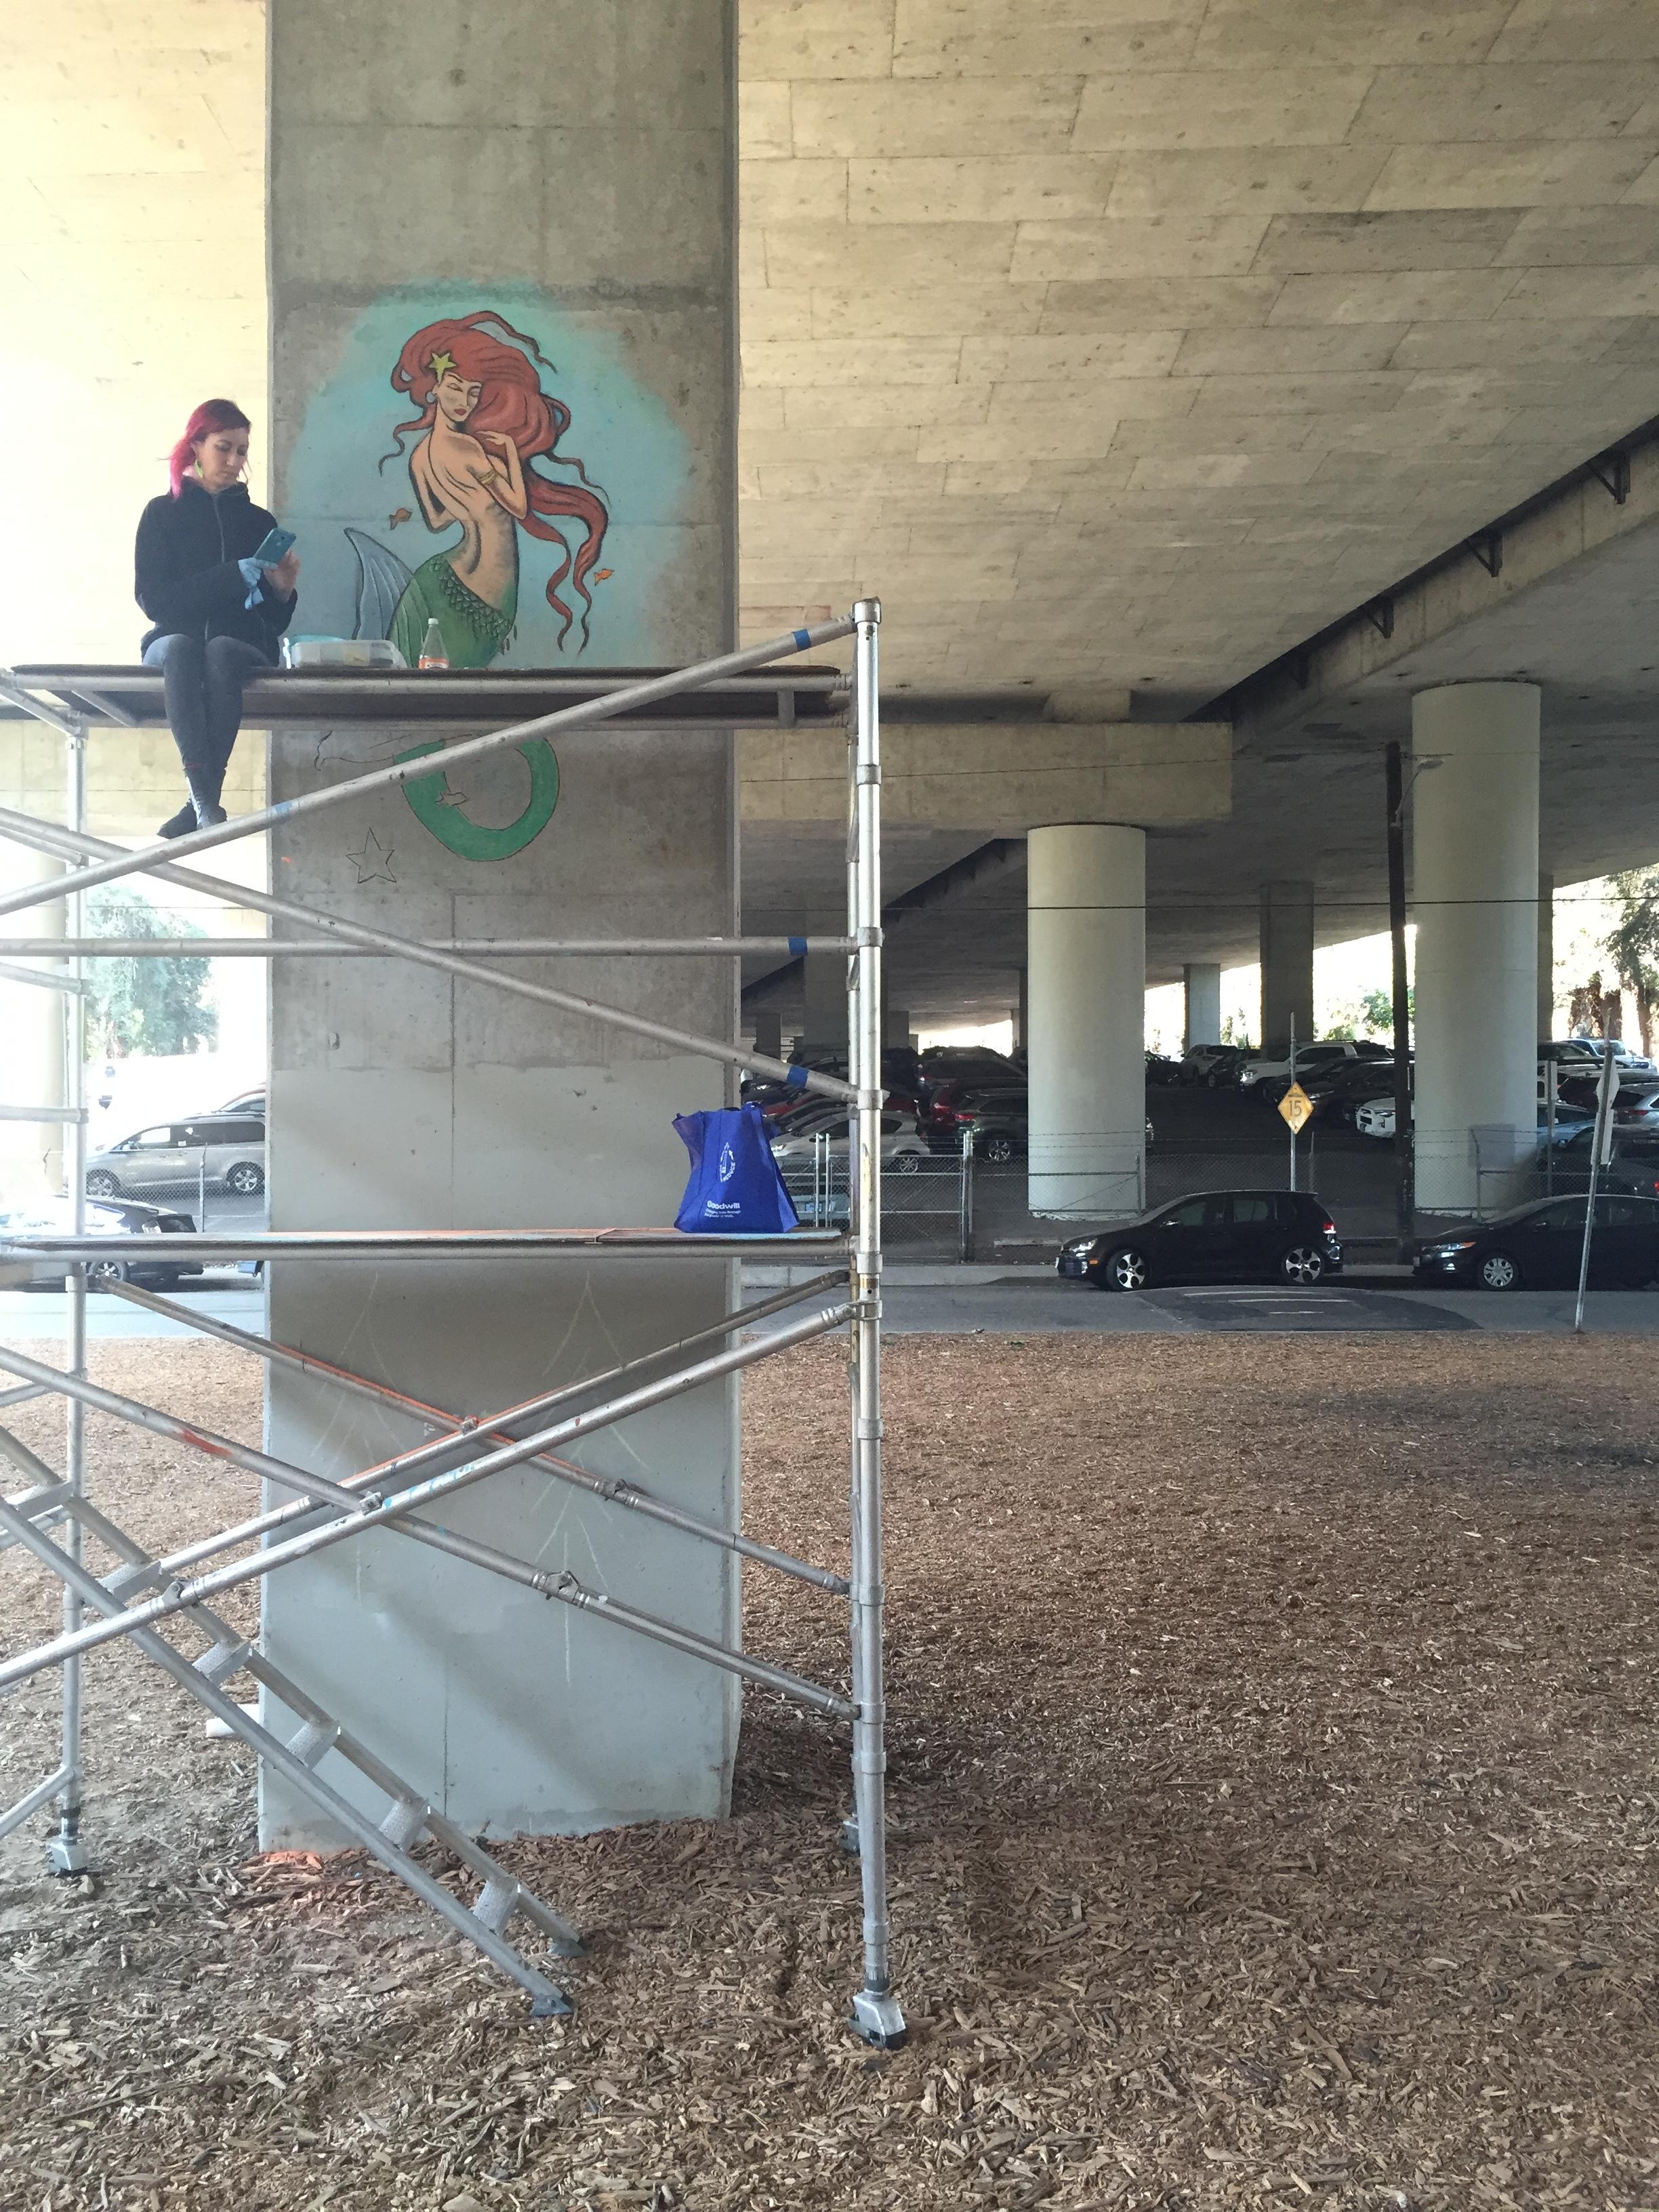 Title: Mermaid    Media: Chalk on concrete    September 2017